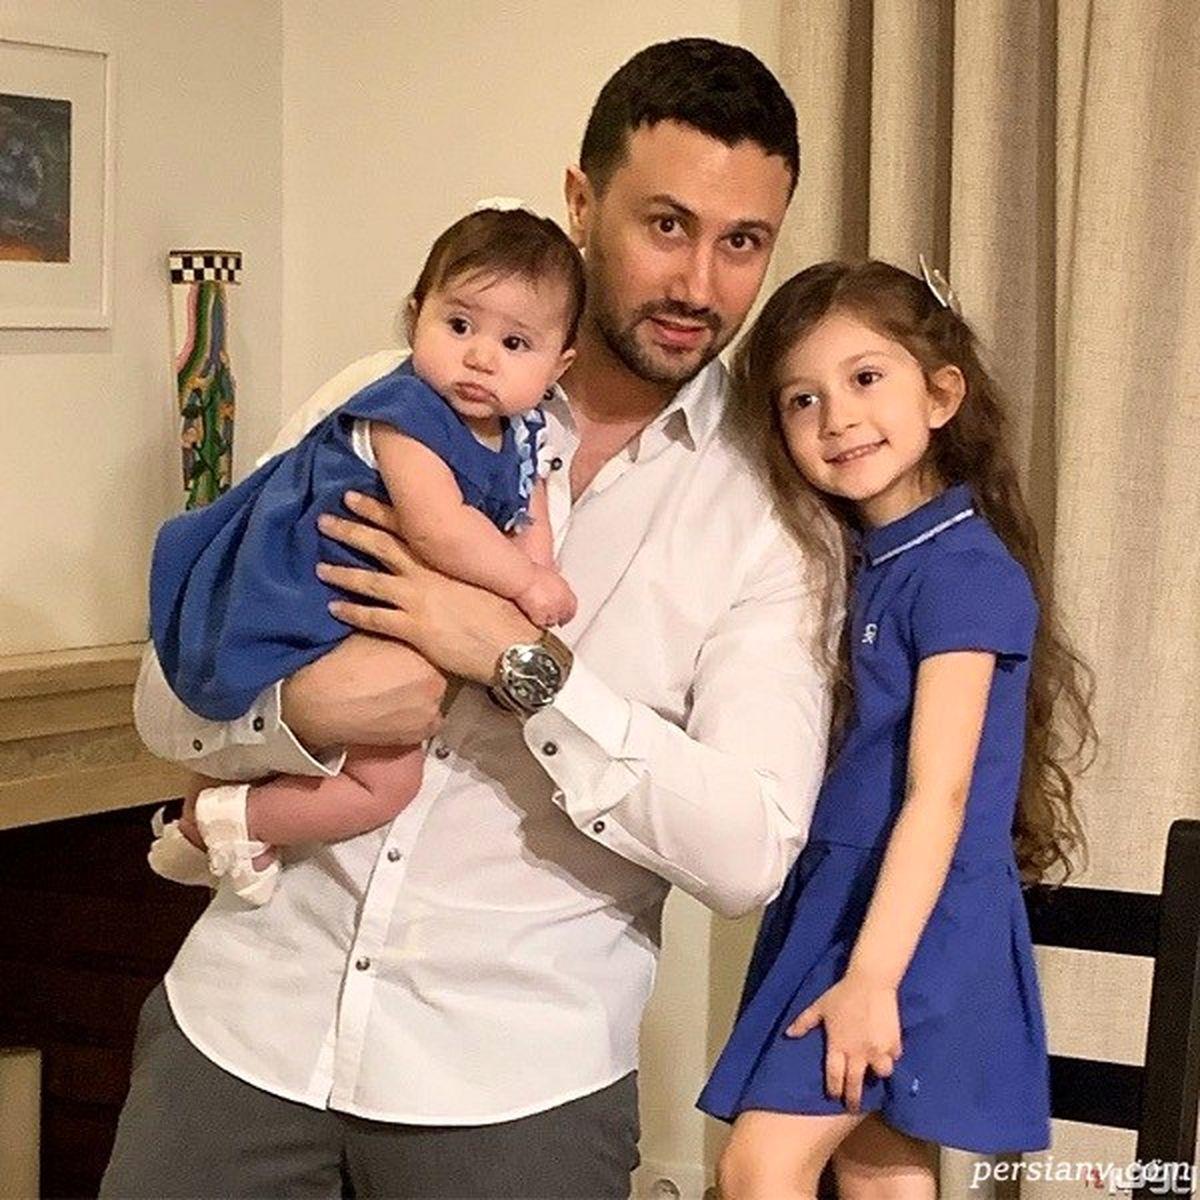 عکس دیدنی از شاهرخ استخری در کنار خانواده همسرش + عکس